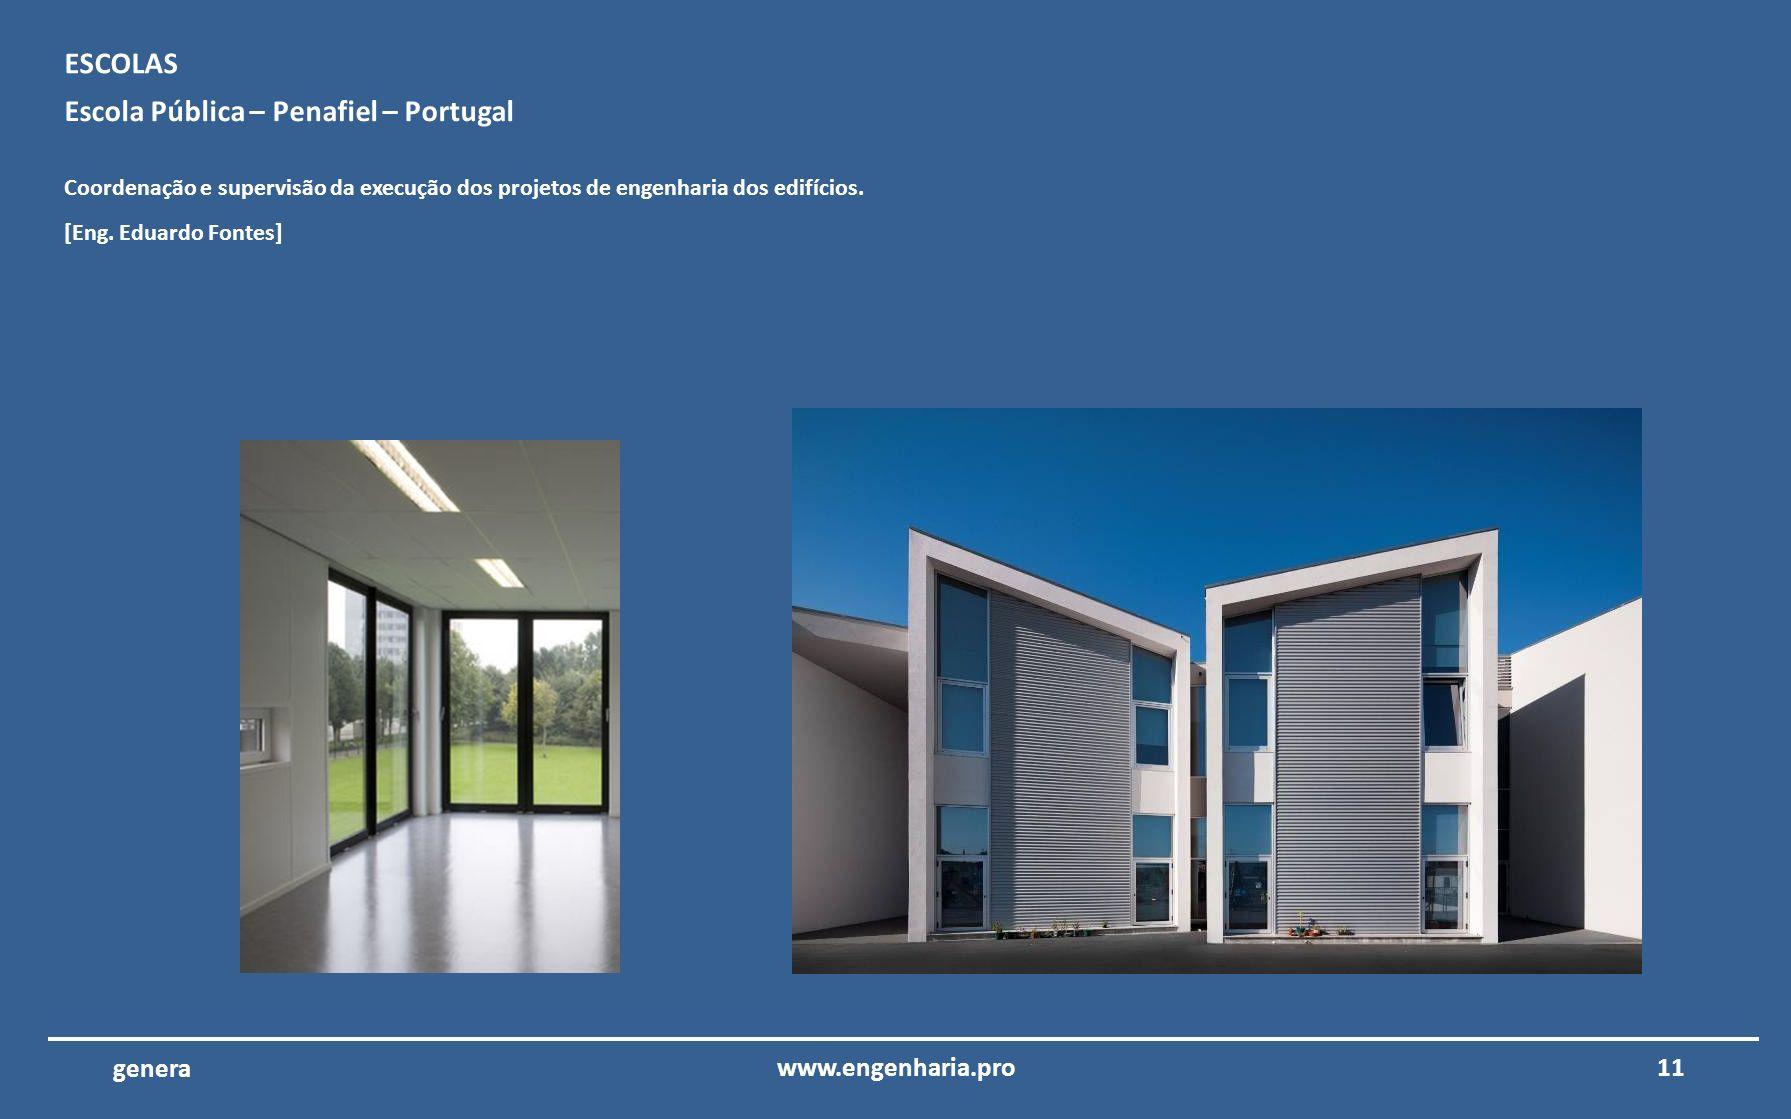 Escola Pública – Penafiel – Portugal